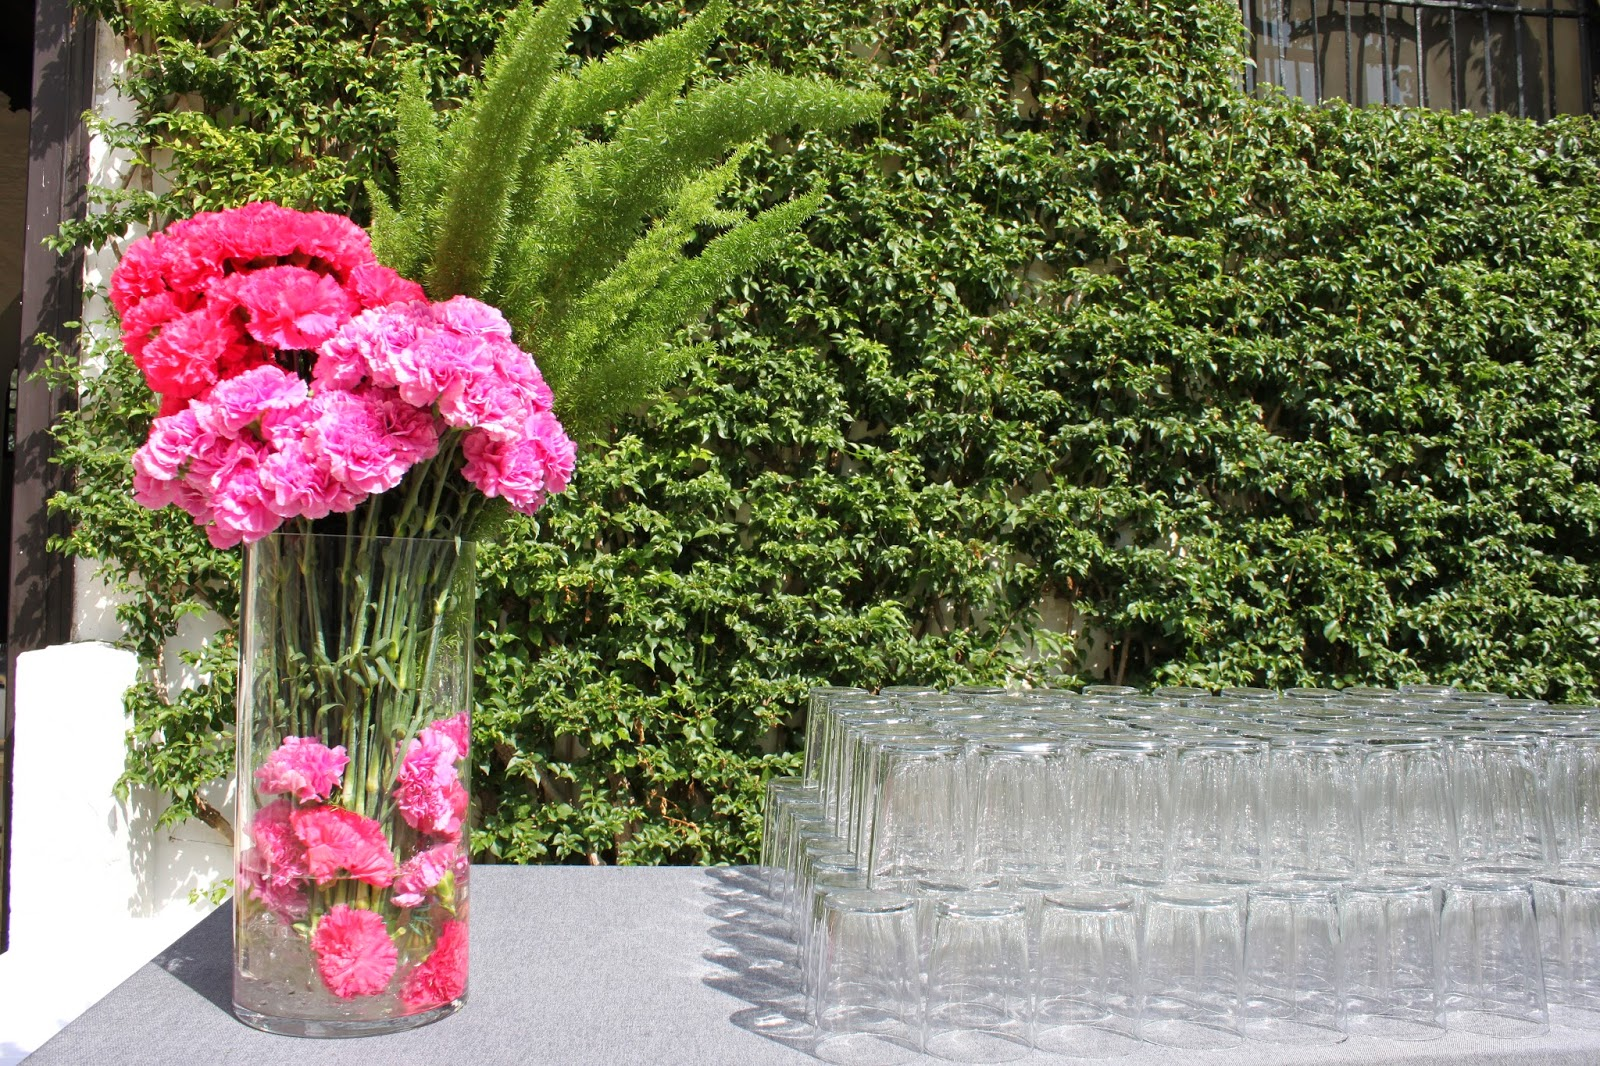 Decoraci n de eventos c rtamo flores tu florister a for Decoracion cordoba